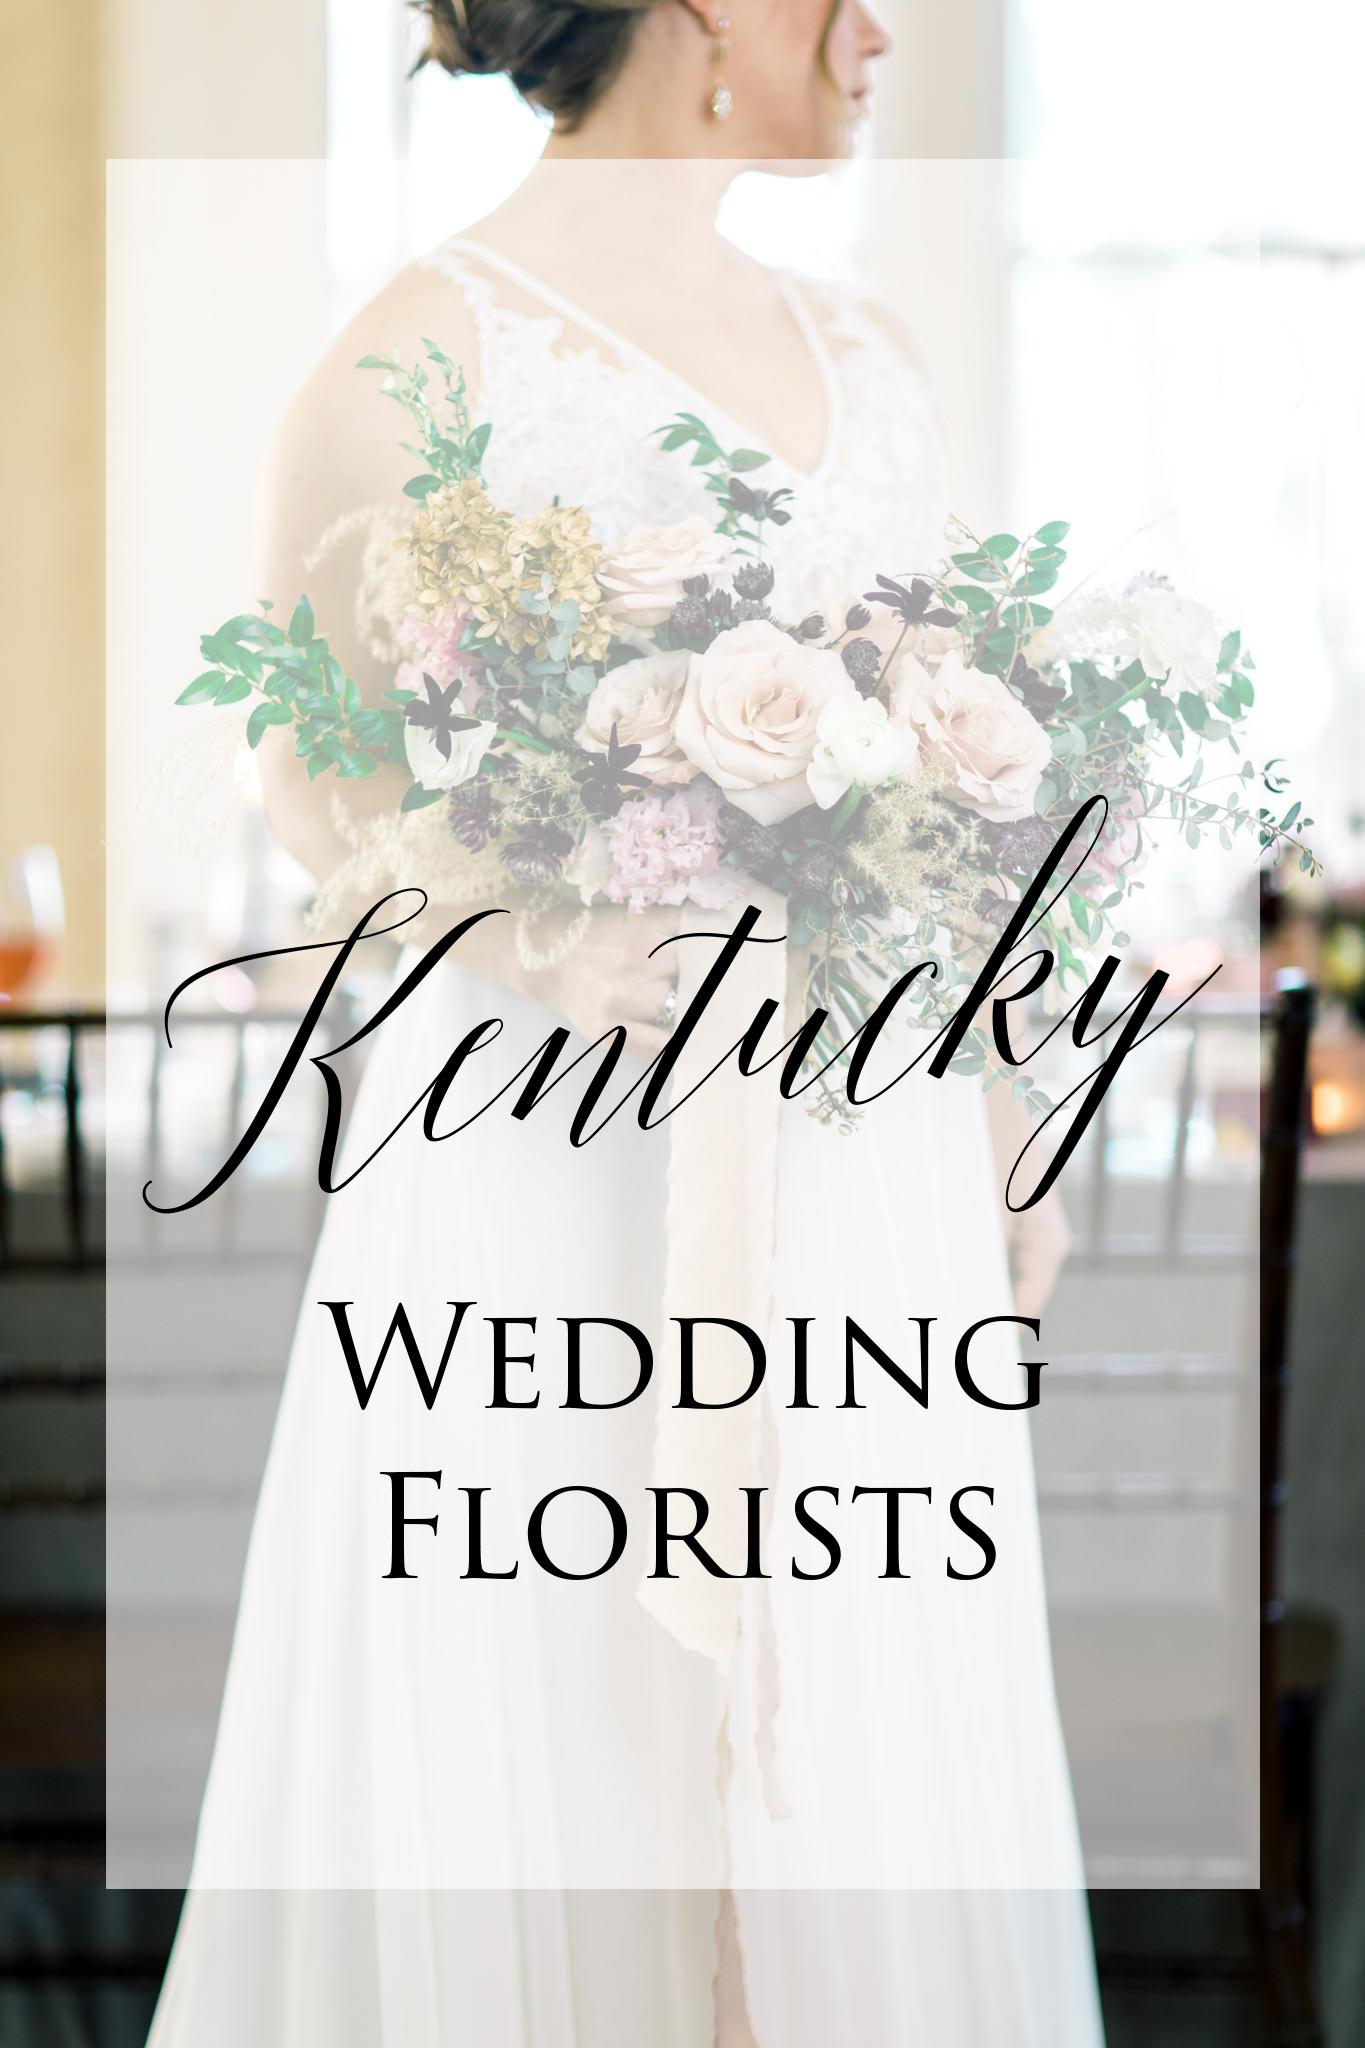 Top Wedding Florists in Kentucky